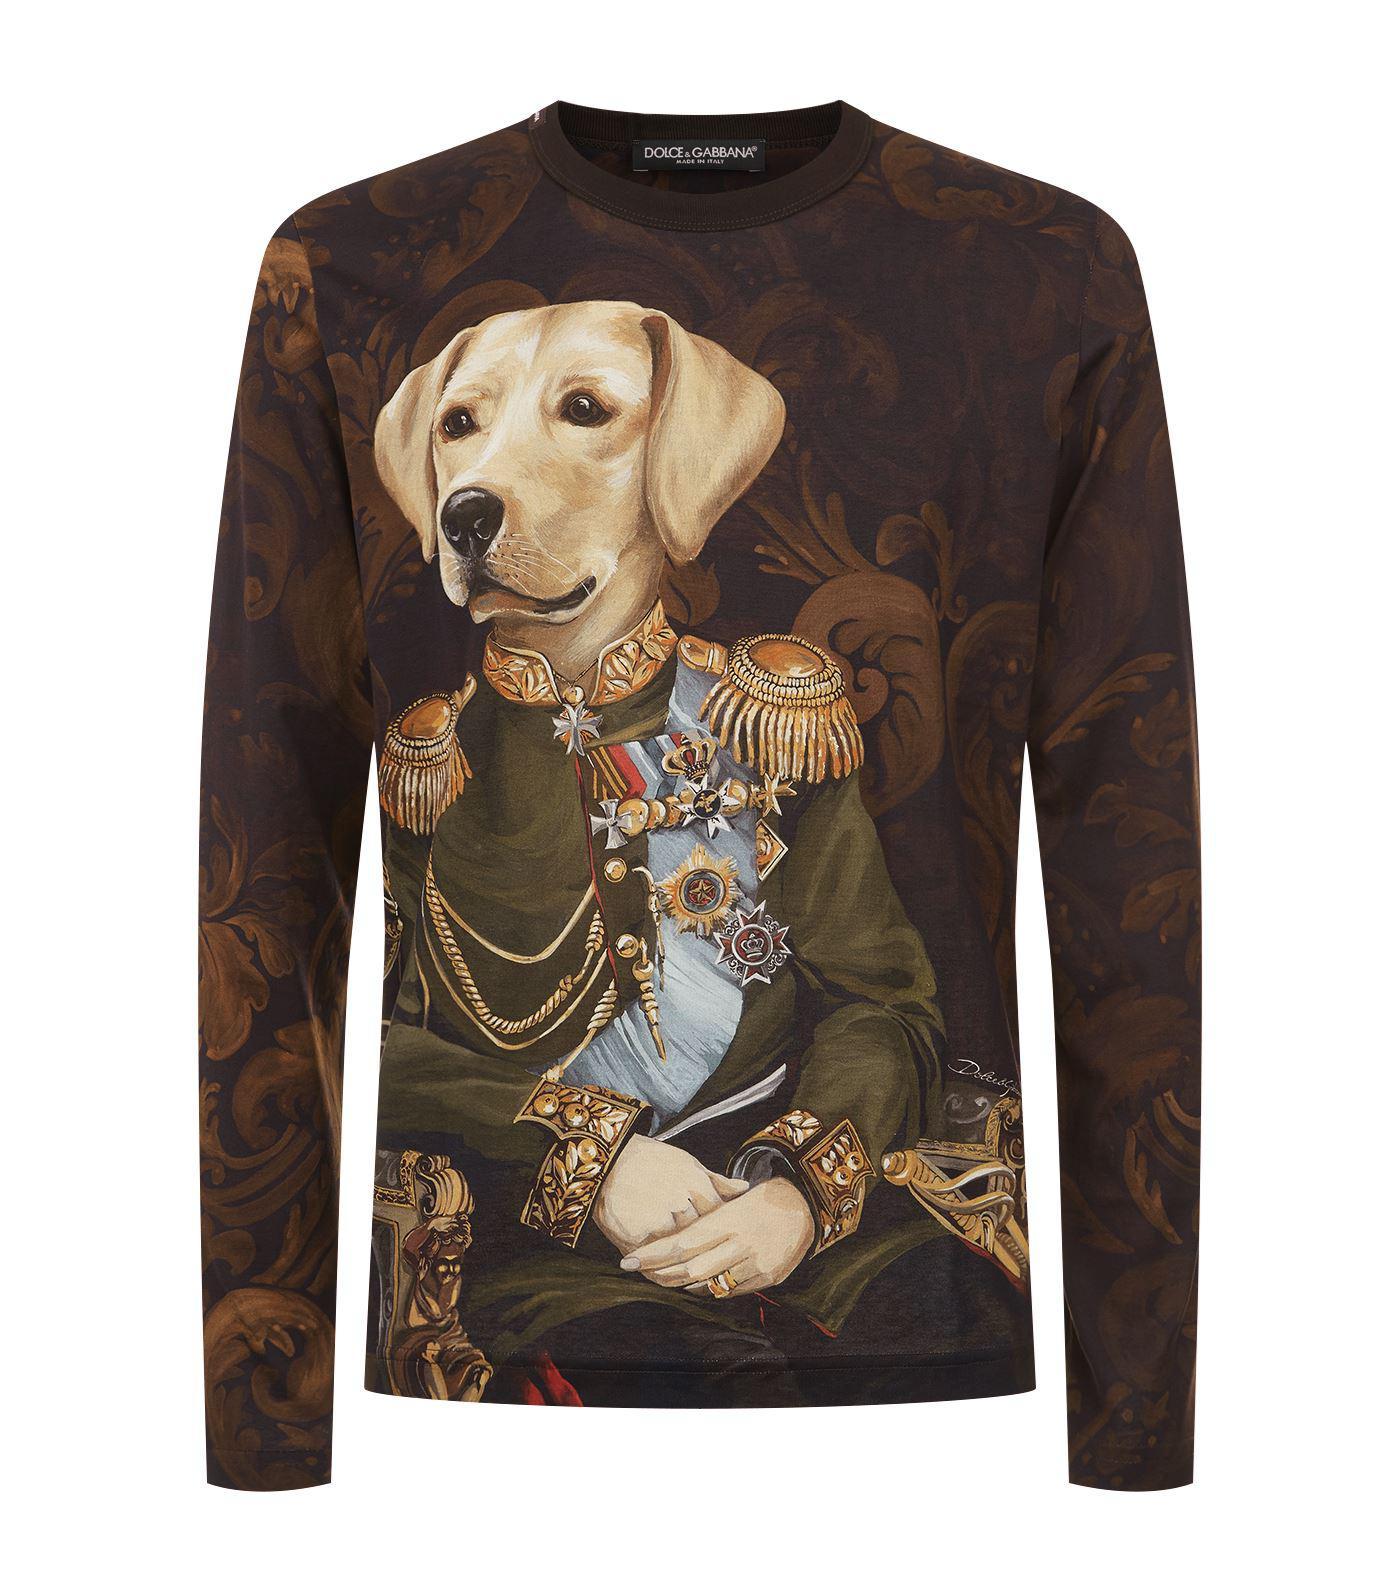 Deep V Neck T Shirts For Men